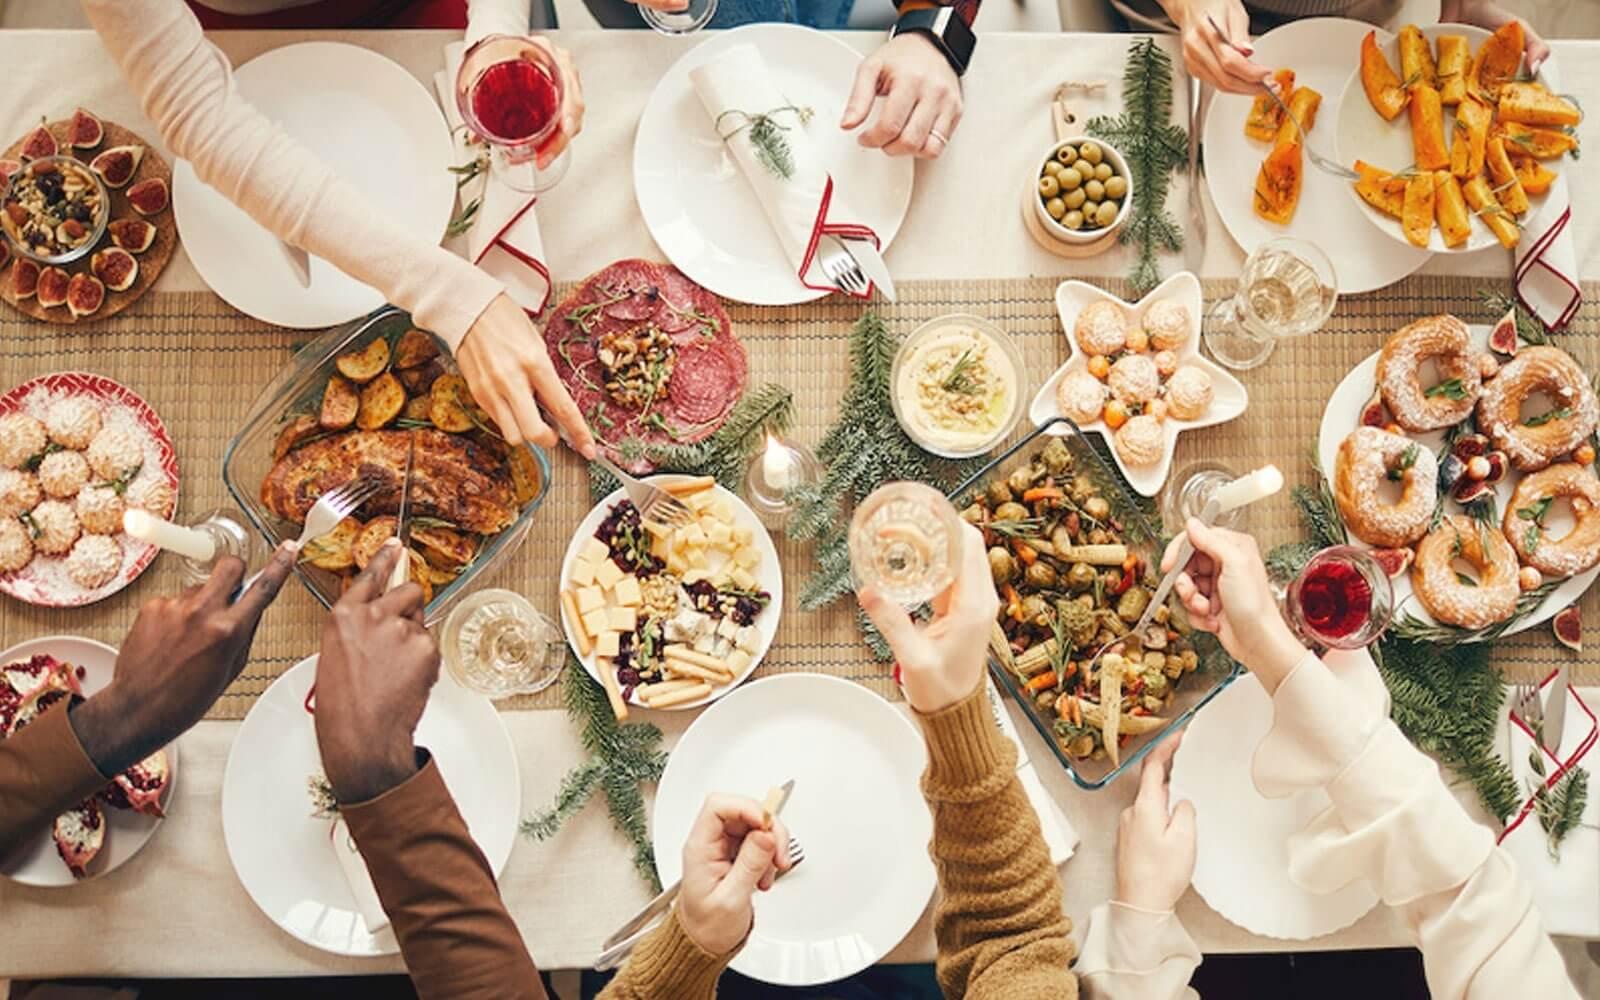 7 Cara Asyik Berpesta Tahun Baru Meski Memiliki Diabetes